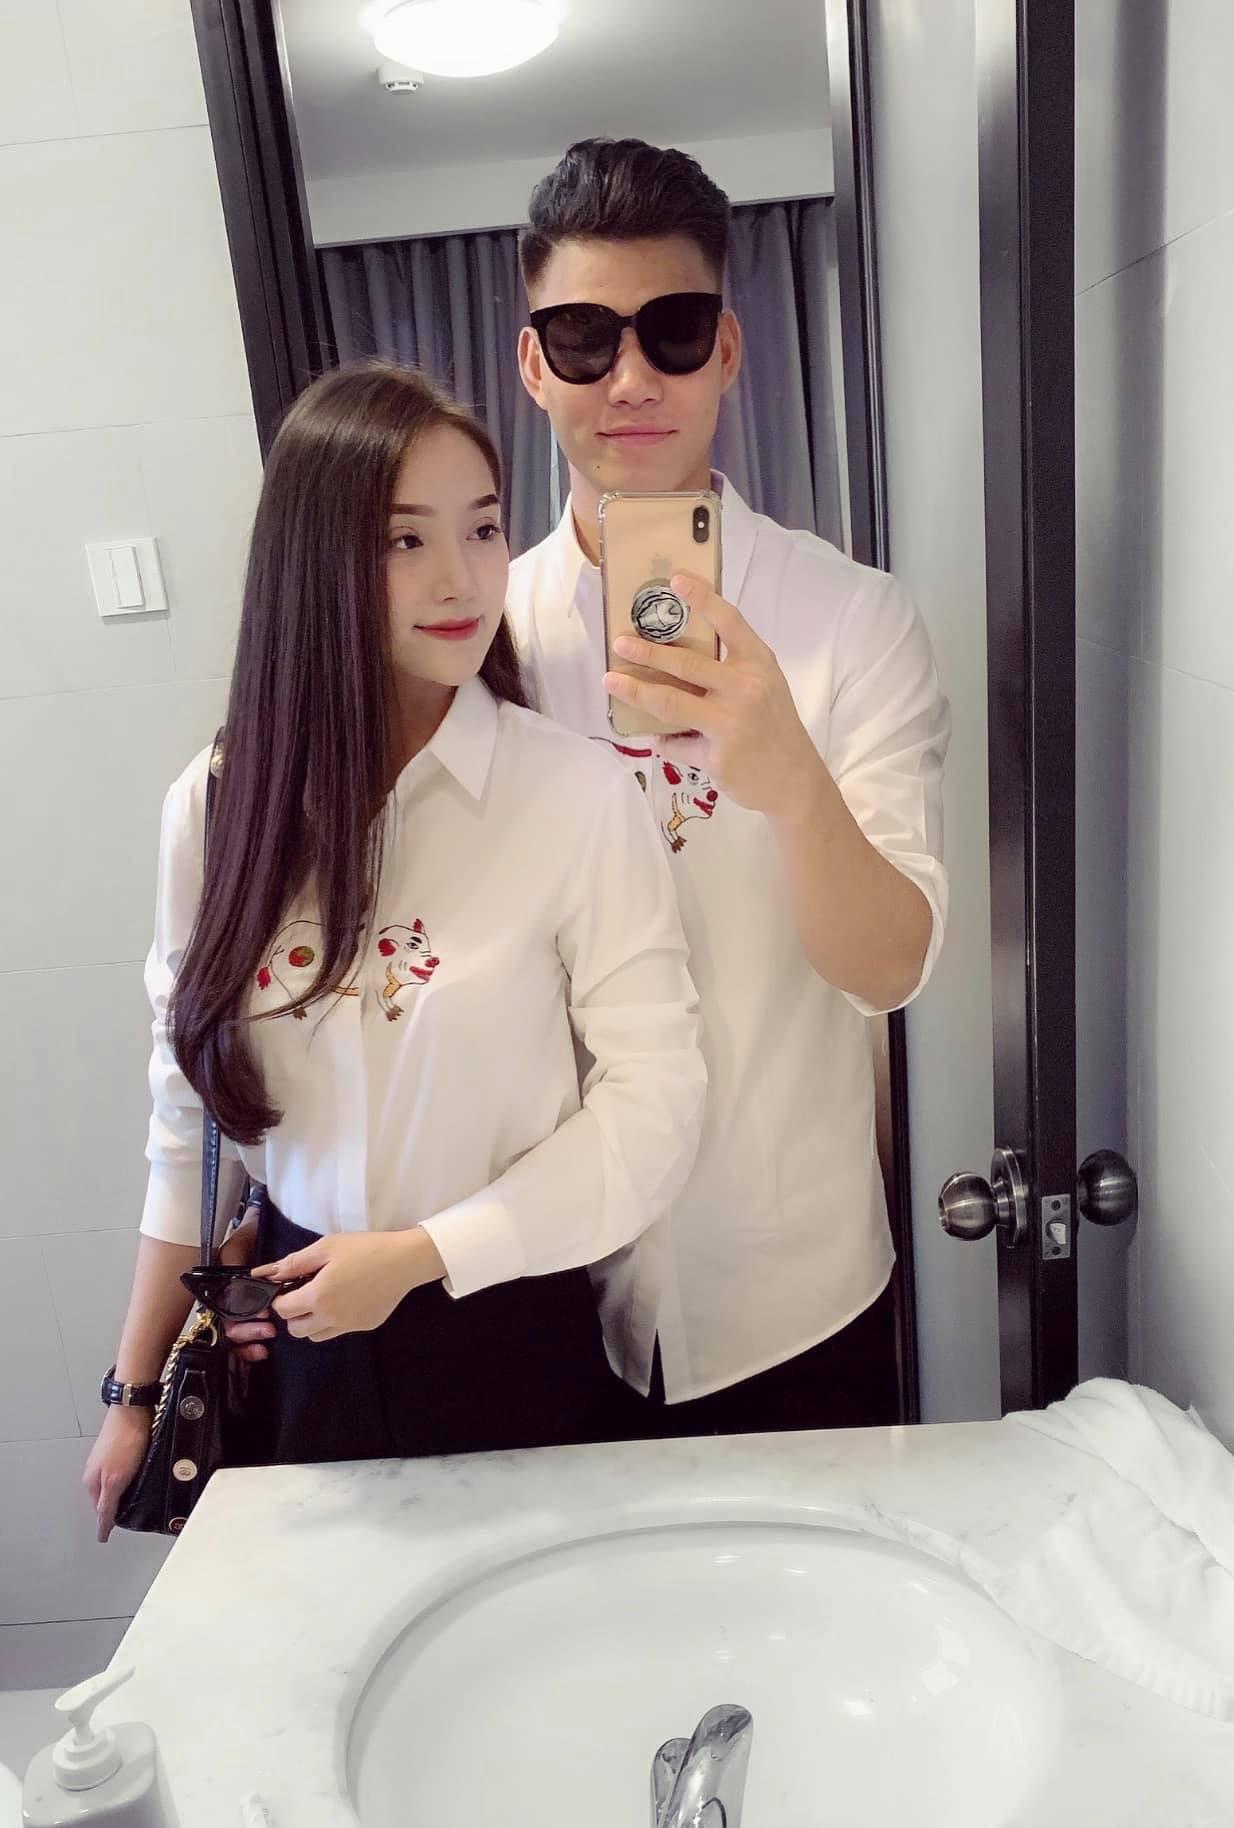 Bạn gái bận bịu công việc, Văn Thanh nhắn tin động viên đầy tình cảm: Chỉ mong vợ chồng mình bên nhau mãi mãi-3